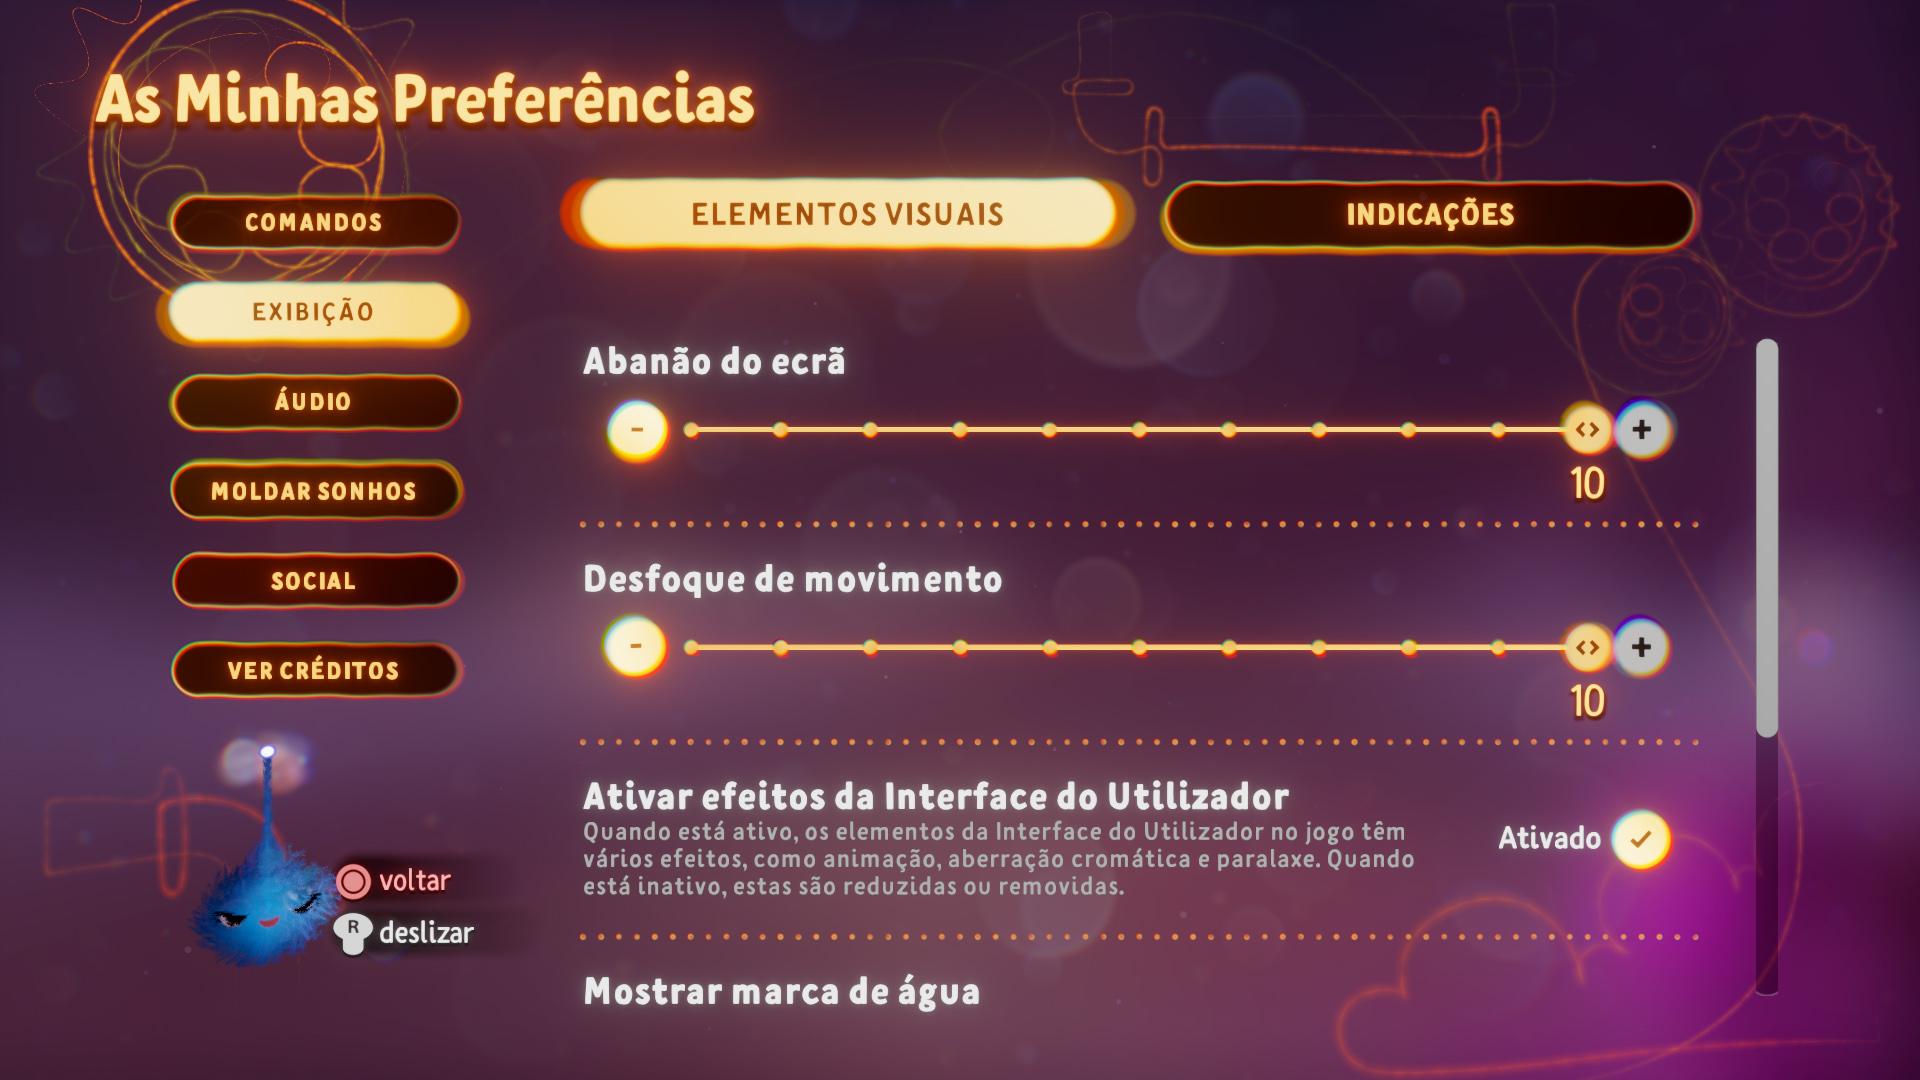 Captura de ecrã a mostrar as opções visuais no menu de Preferências